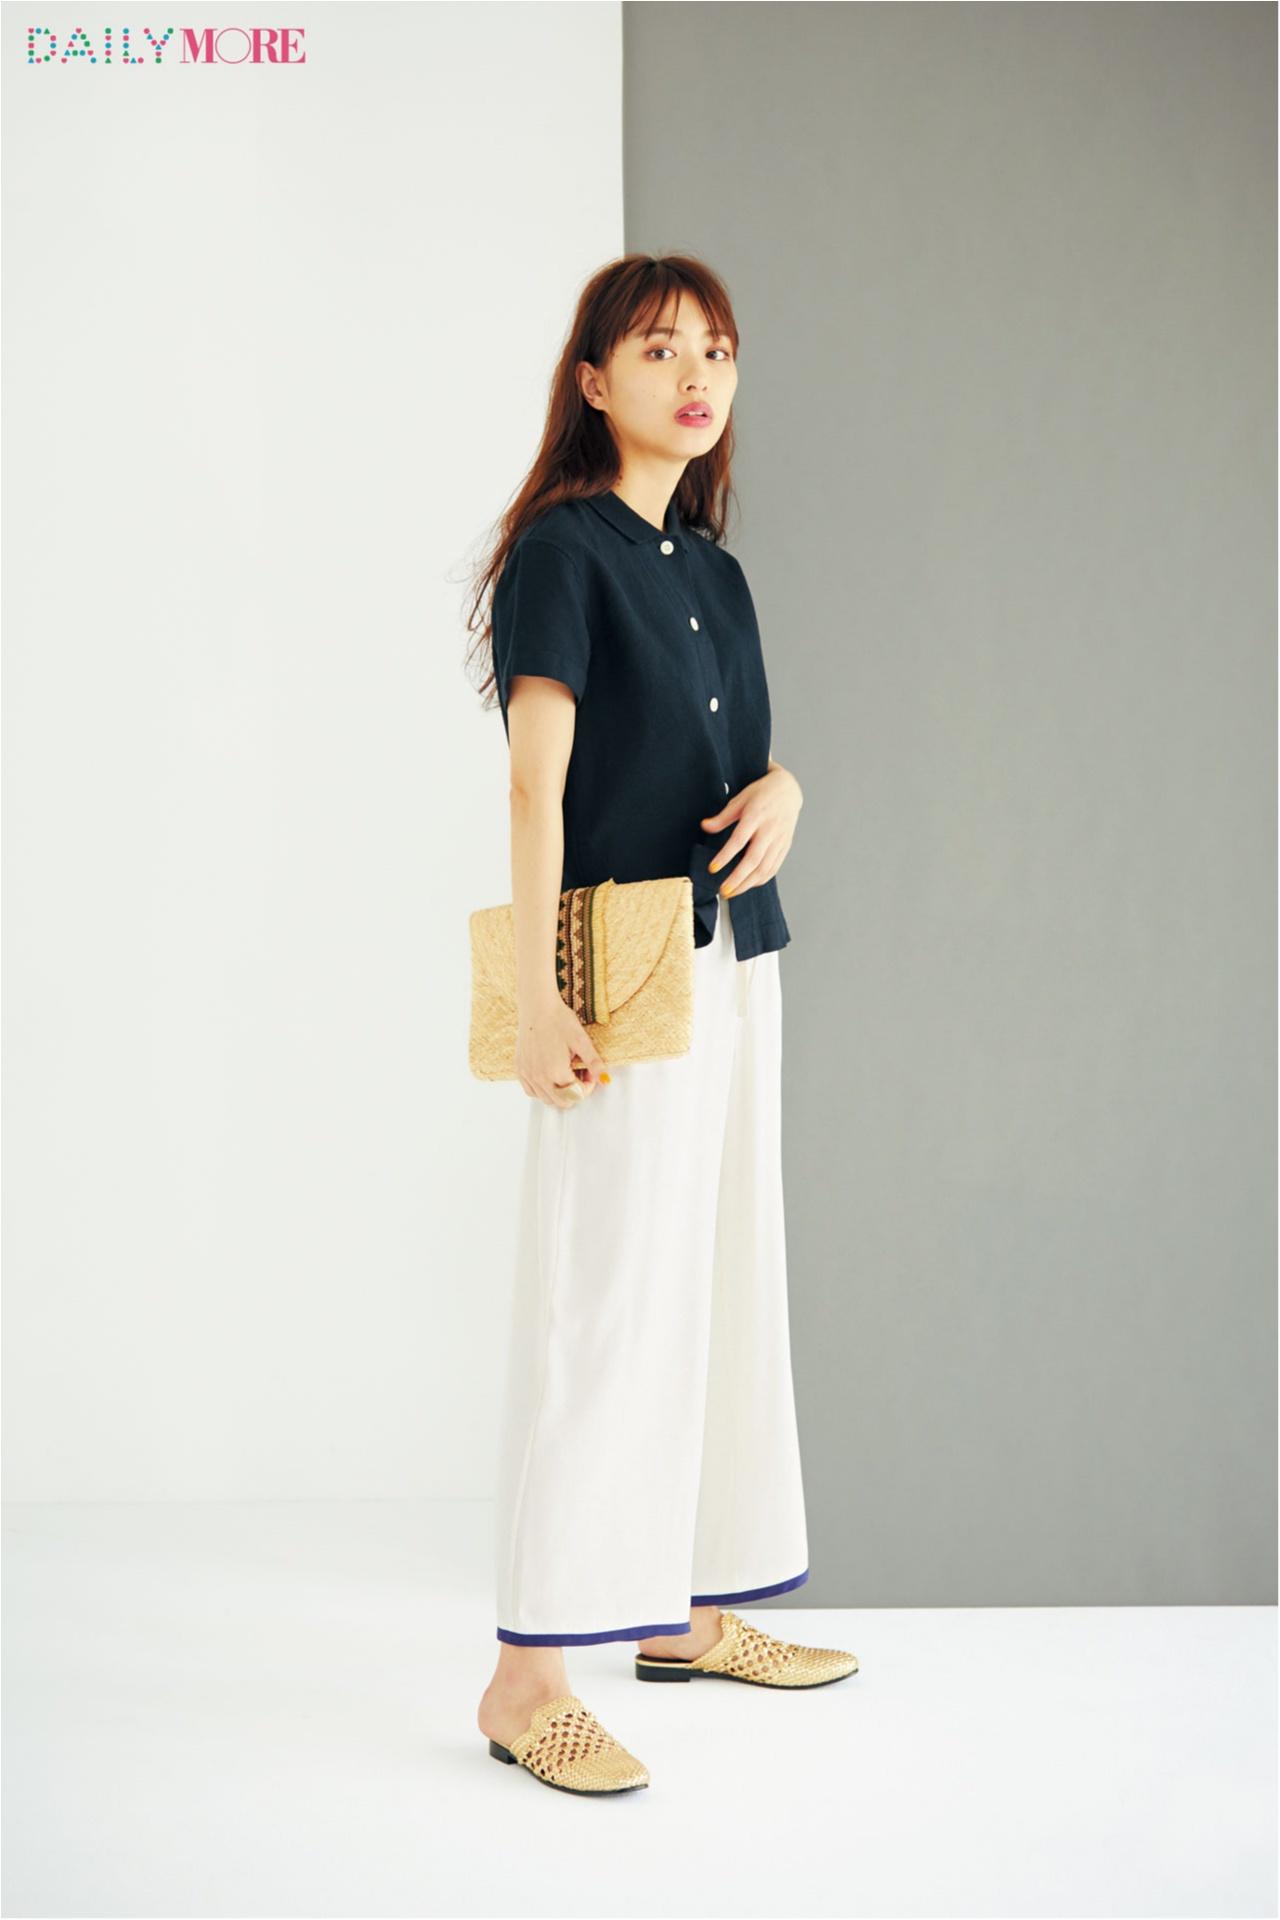 【今日のコーデ/内田理央】お気に入りのシャツとワイドパンツで、最高に好印象な夏モノトーン♪_1